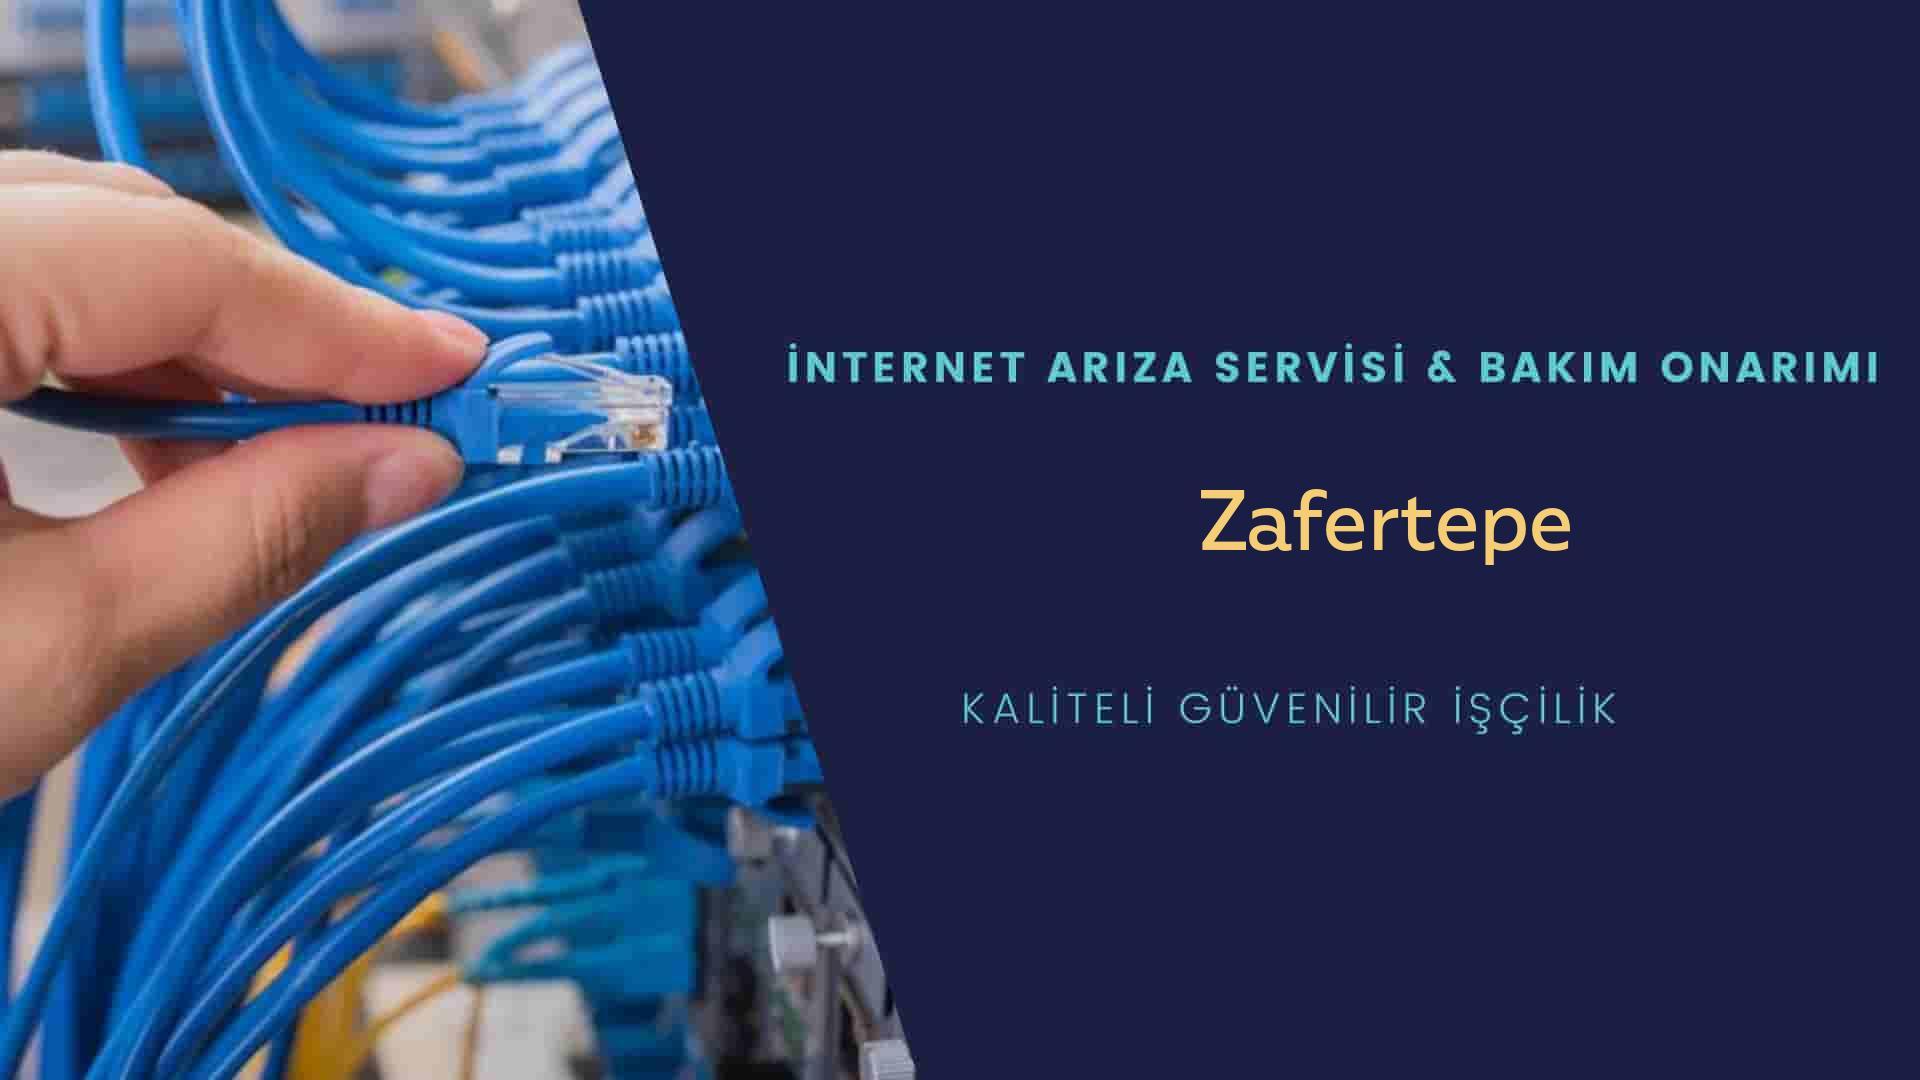 Zafertepe internet kablosu çekimi yapan yerler veya elektrikçiler mi? arıyorsunuz doğru yerdesiniz o zaman sizlere 7/24 yardımcı olacak profesyonel ustalarımız bir telefon kadar yakındır size.